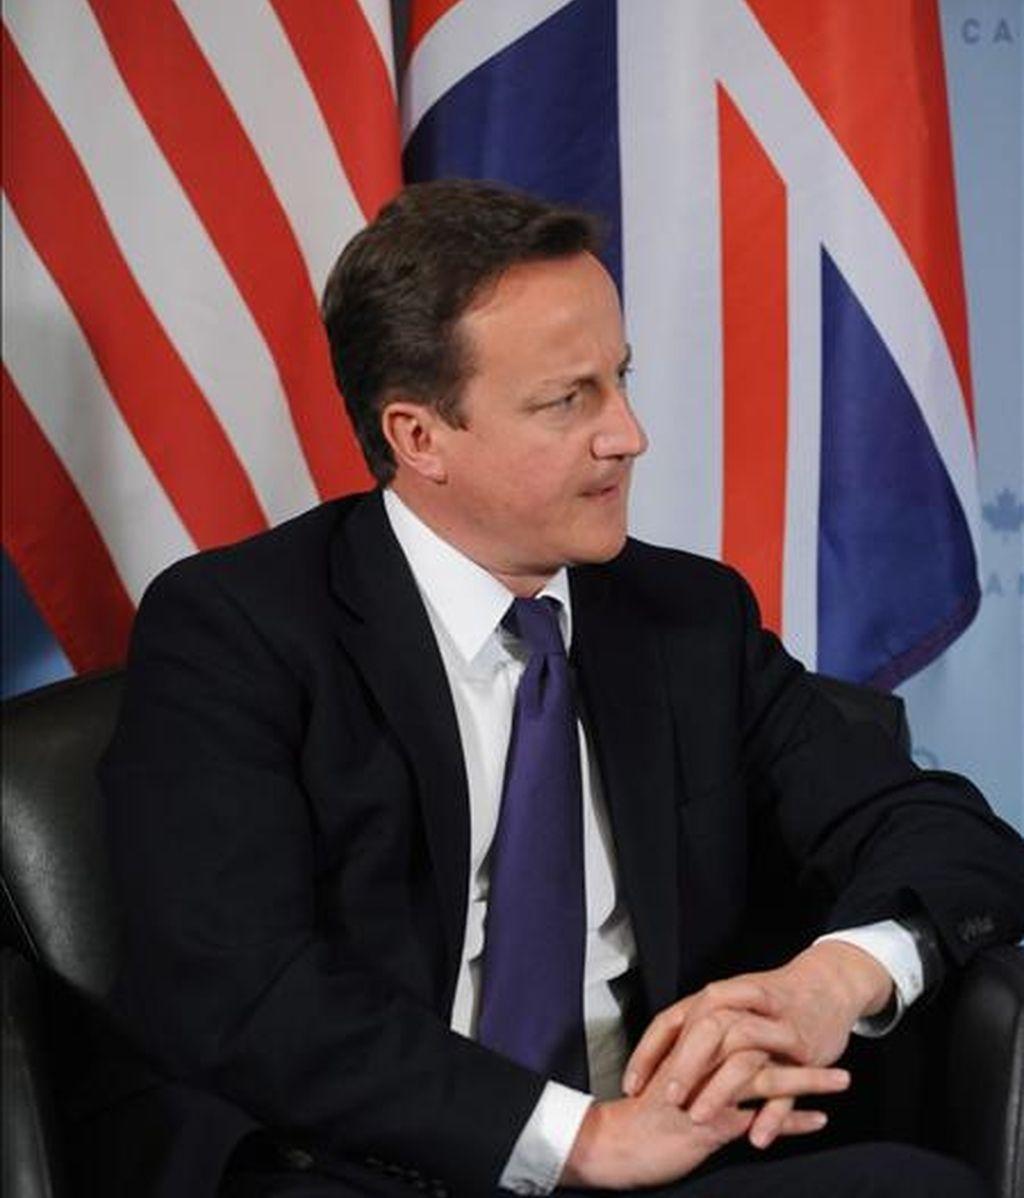 El primer ministro del Reino Unido, David Cameron. EFE/Archivo